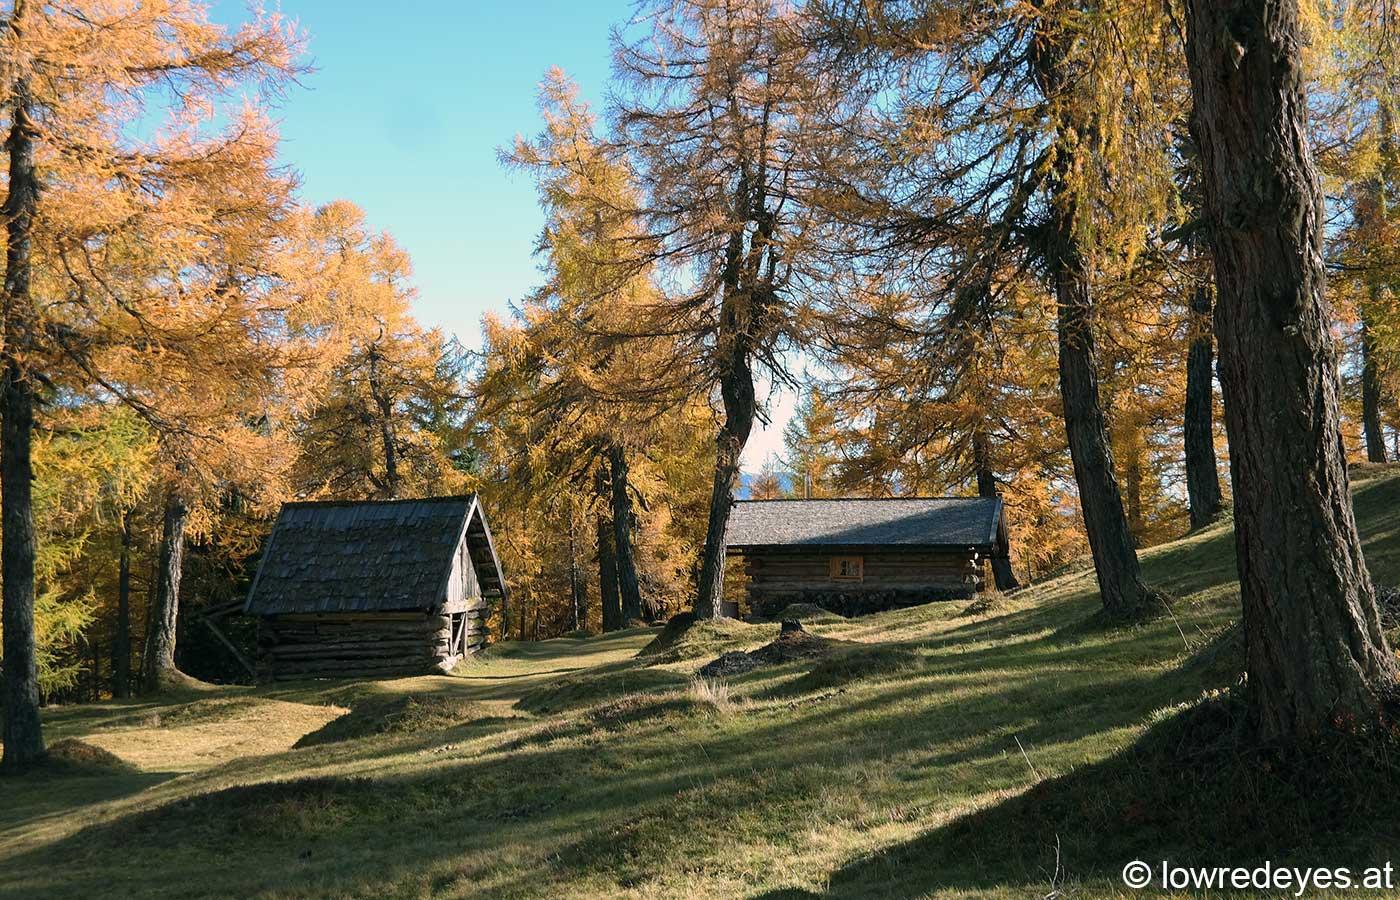 Naturspaziergang - Eulenwiesen - Lärche - Herbst